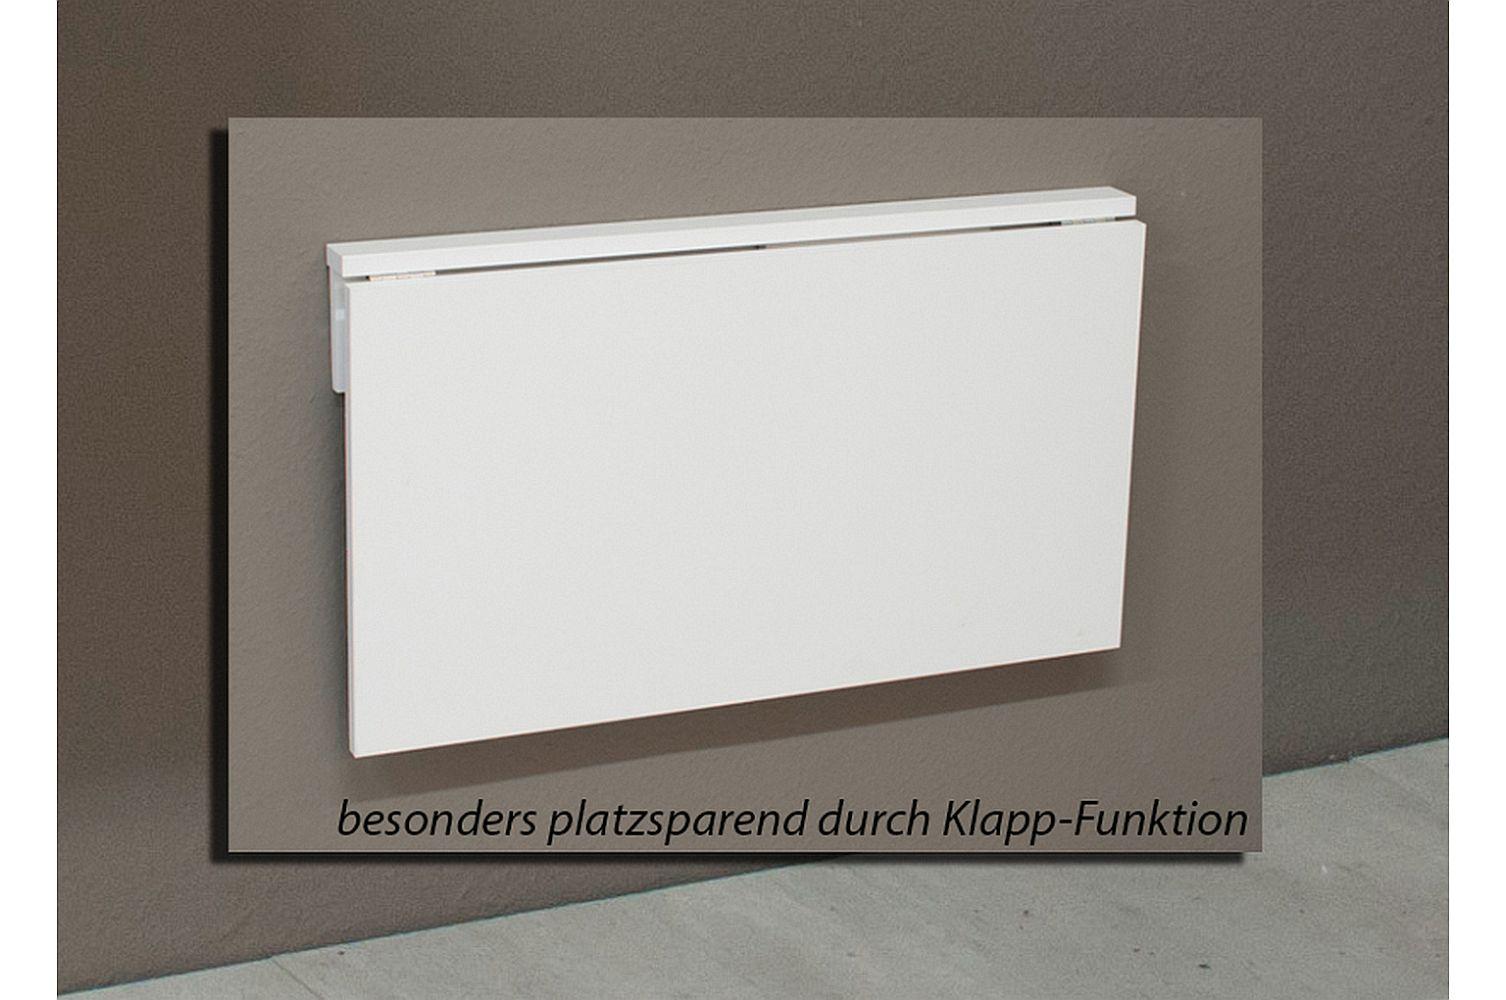 Klapptisch 0591/80 beton